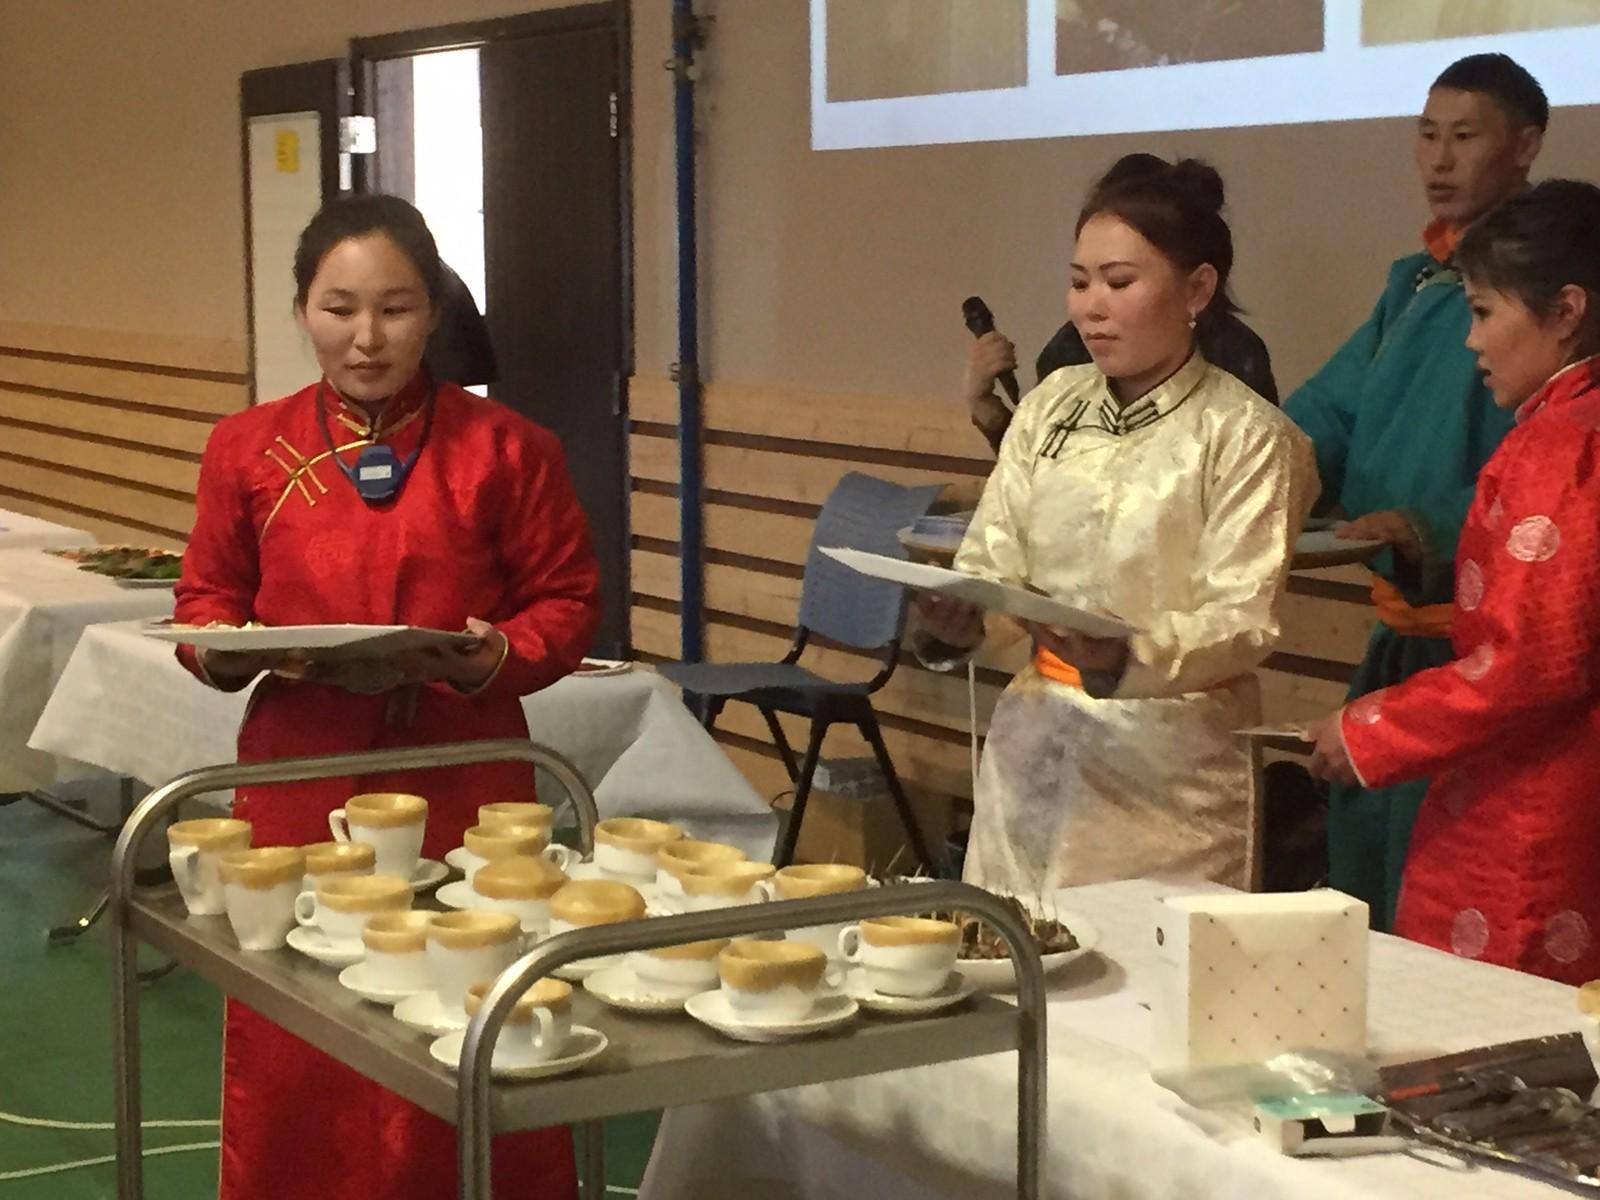 Dukha-folket serverer dumpling in a bowl